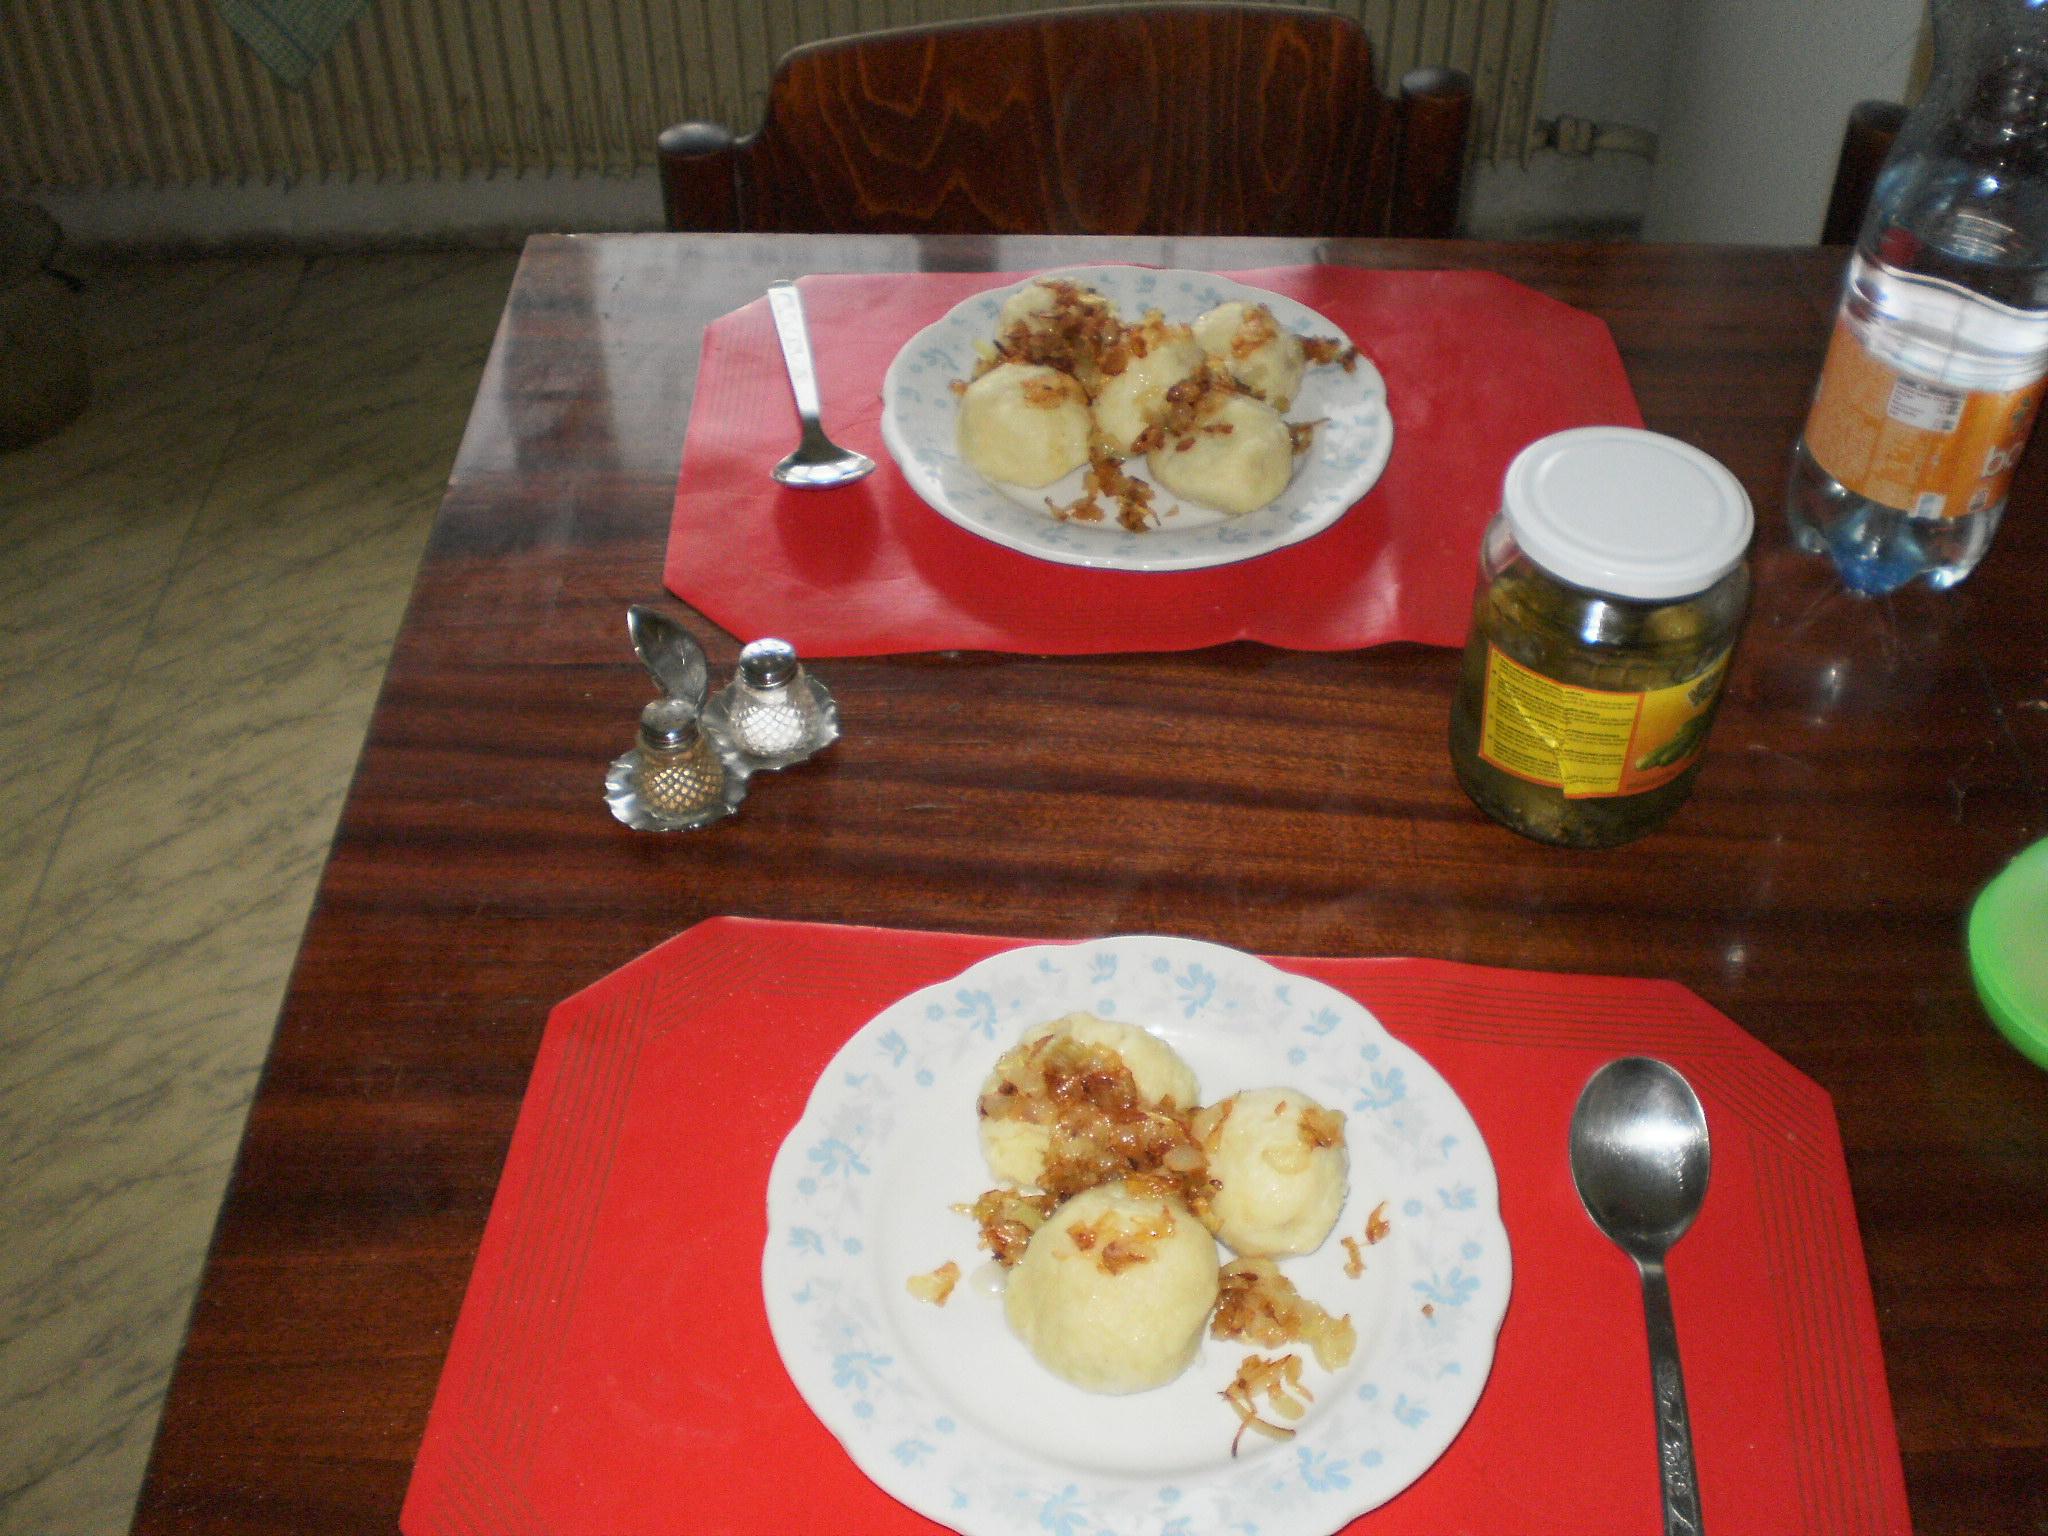 Recept Plněné bramborové knedlíky - Knedlíky jsem posypala smaženou cibulkou a k tomu jsem přiložila okurky.